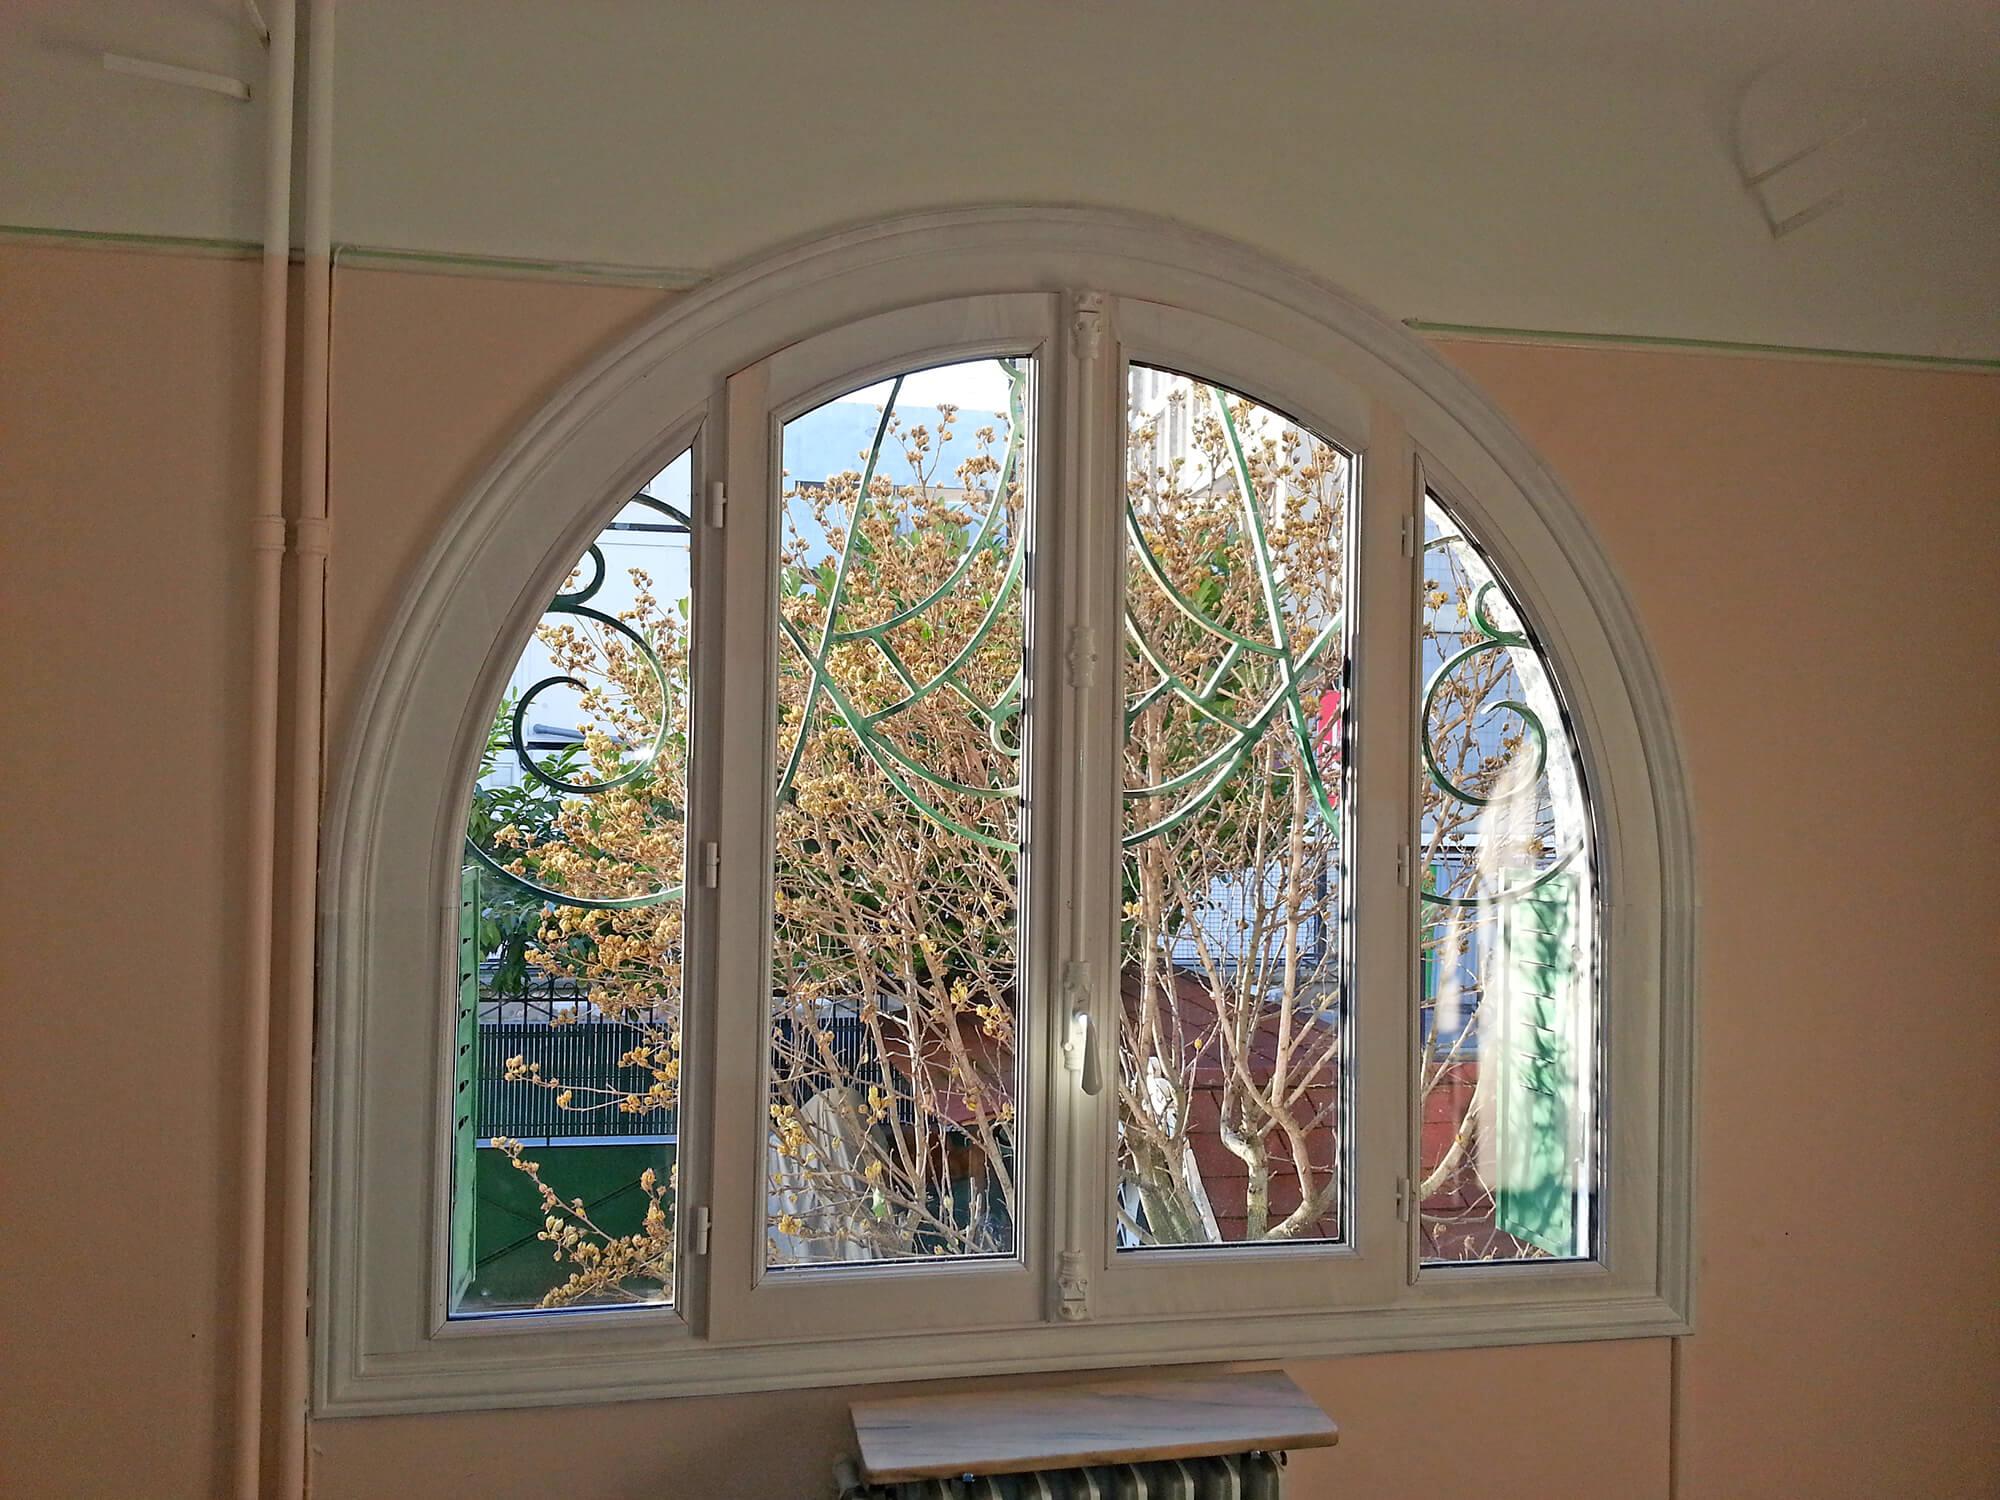 R alisation de fen tre en bois blanche et grille en fer for Porte fenetre arrondie